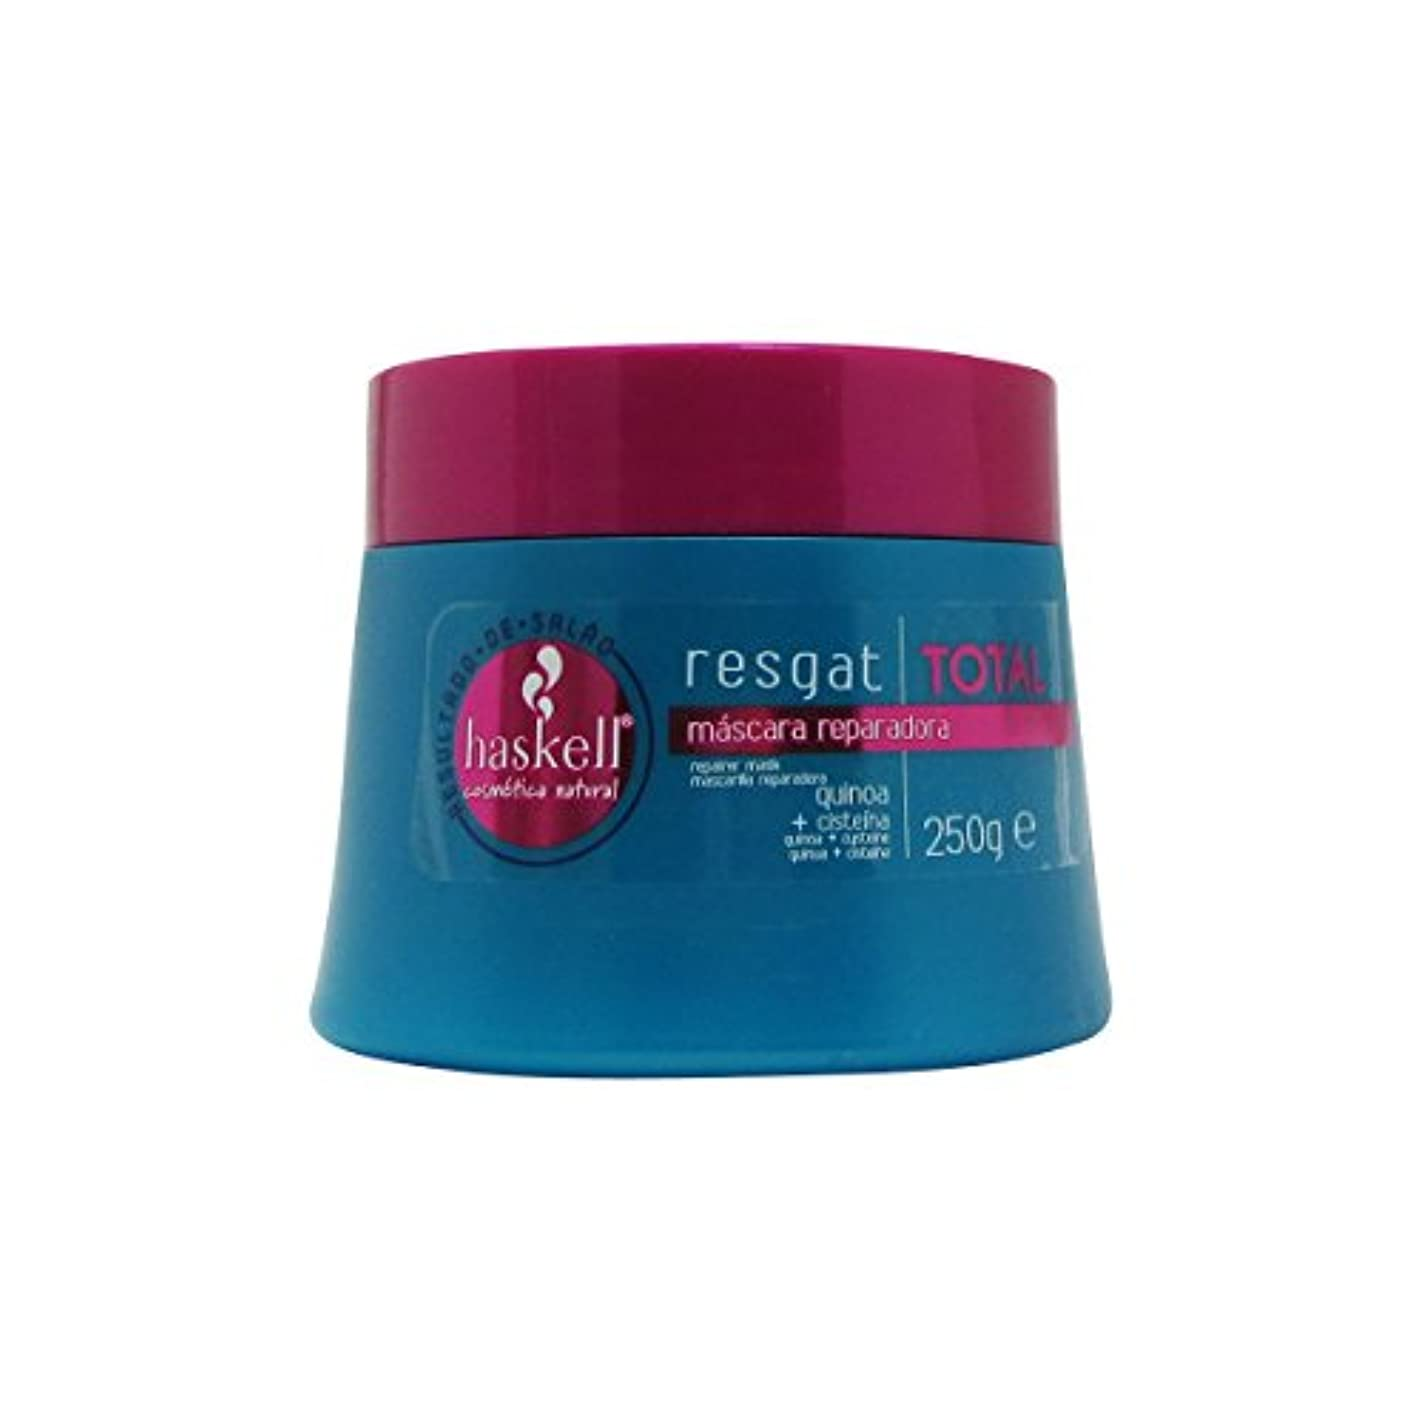 身元特殊ピンポイントHaskell Resgat Total Hair Mask 250g [並行輸入品]